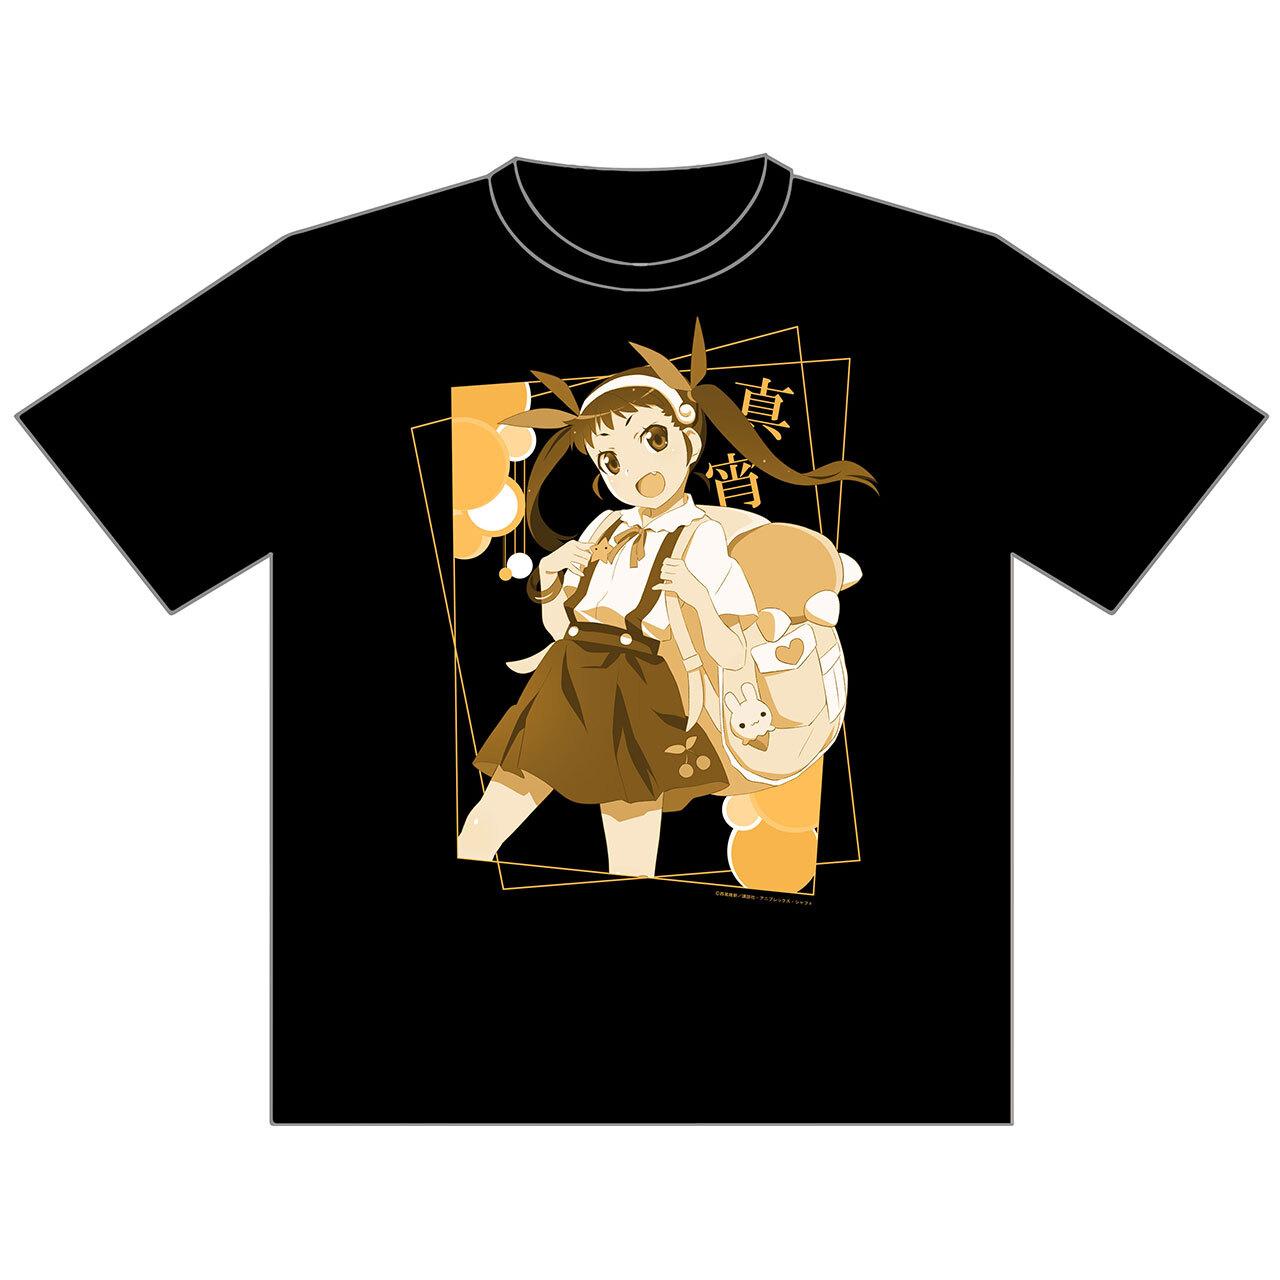 【4589839358040予】終物語 【描き下ろし】八九寺真宵 Tシャツ L